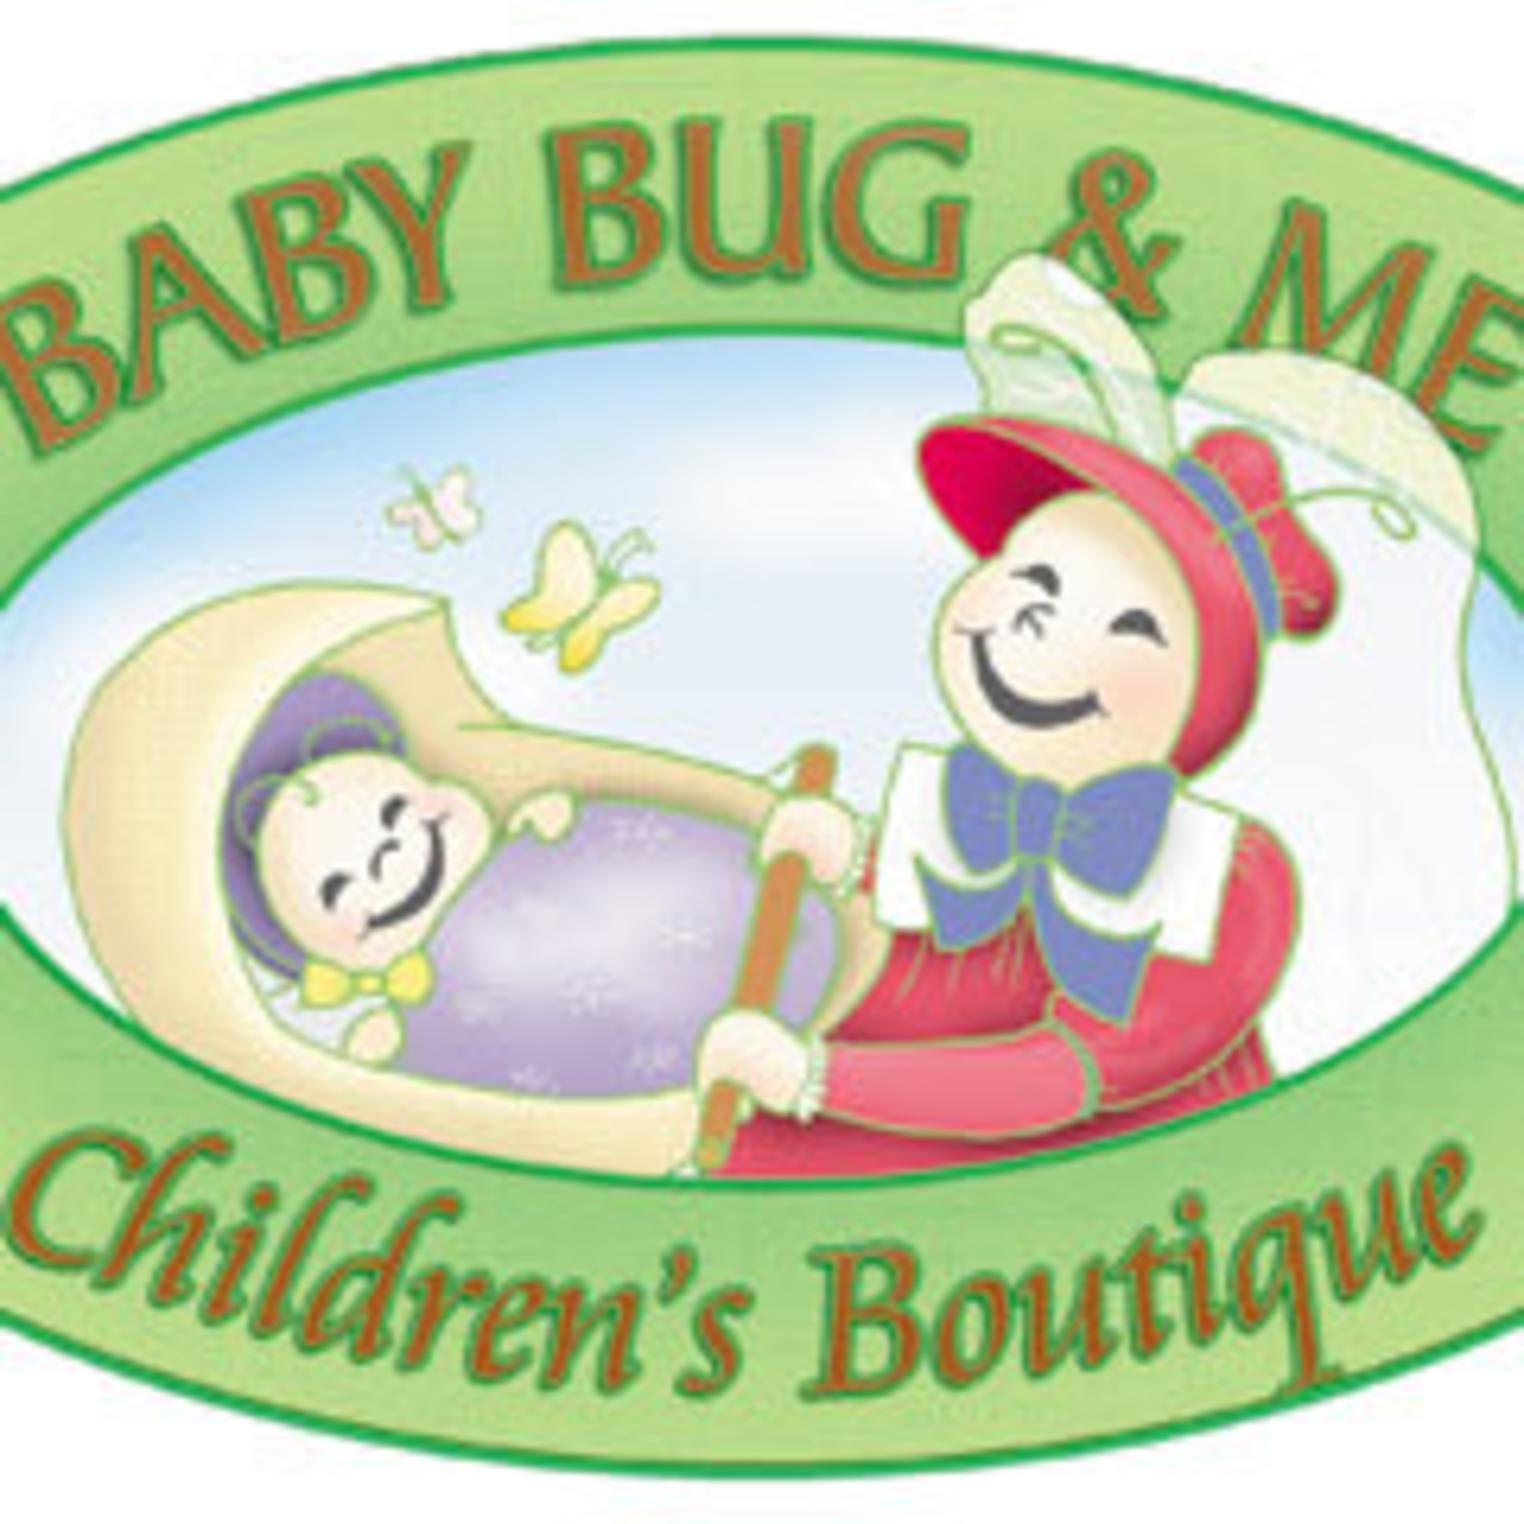 Baby Bug and Me